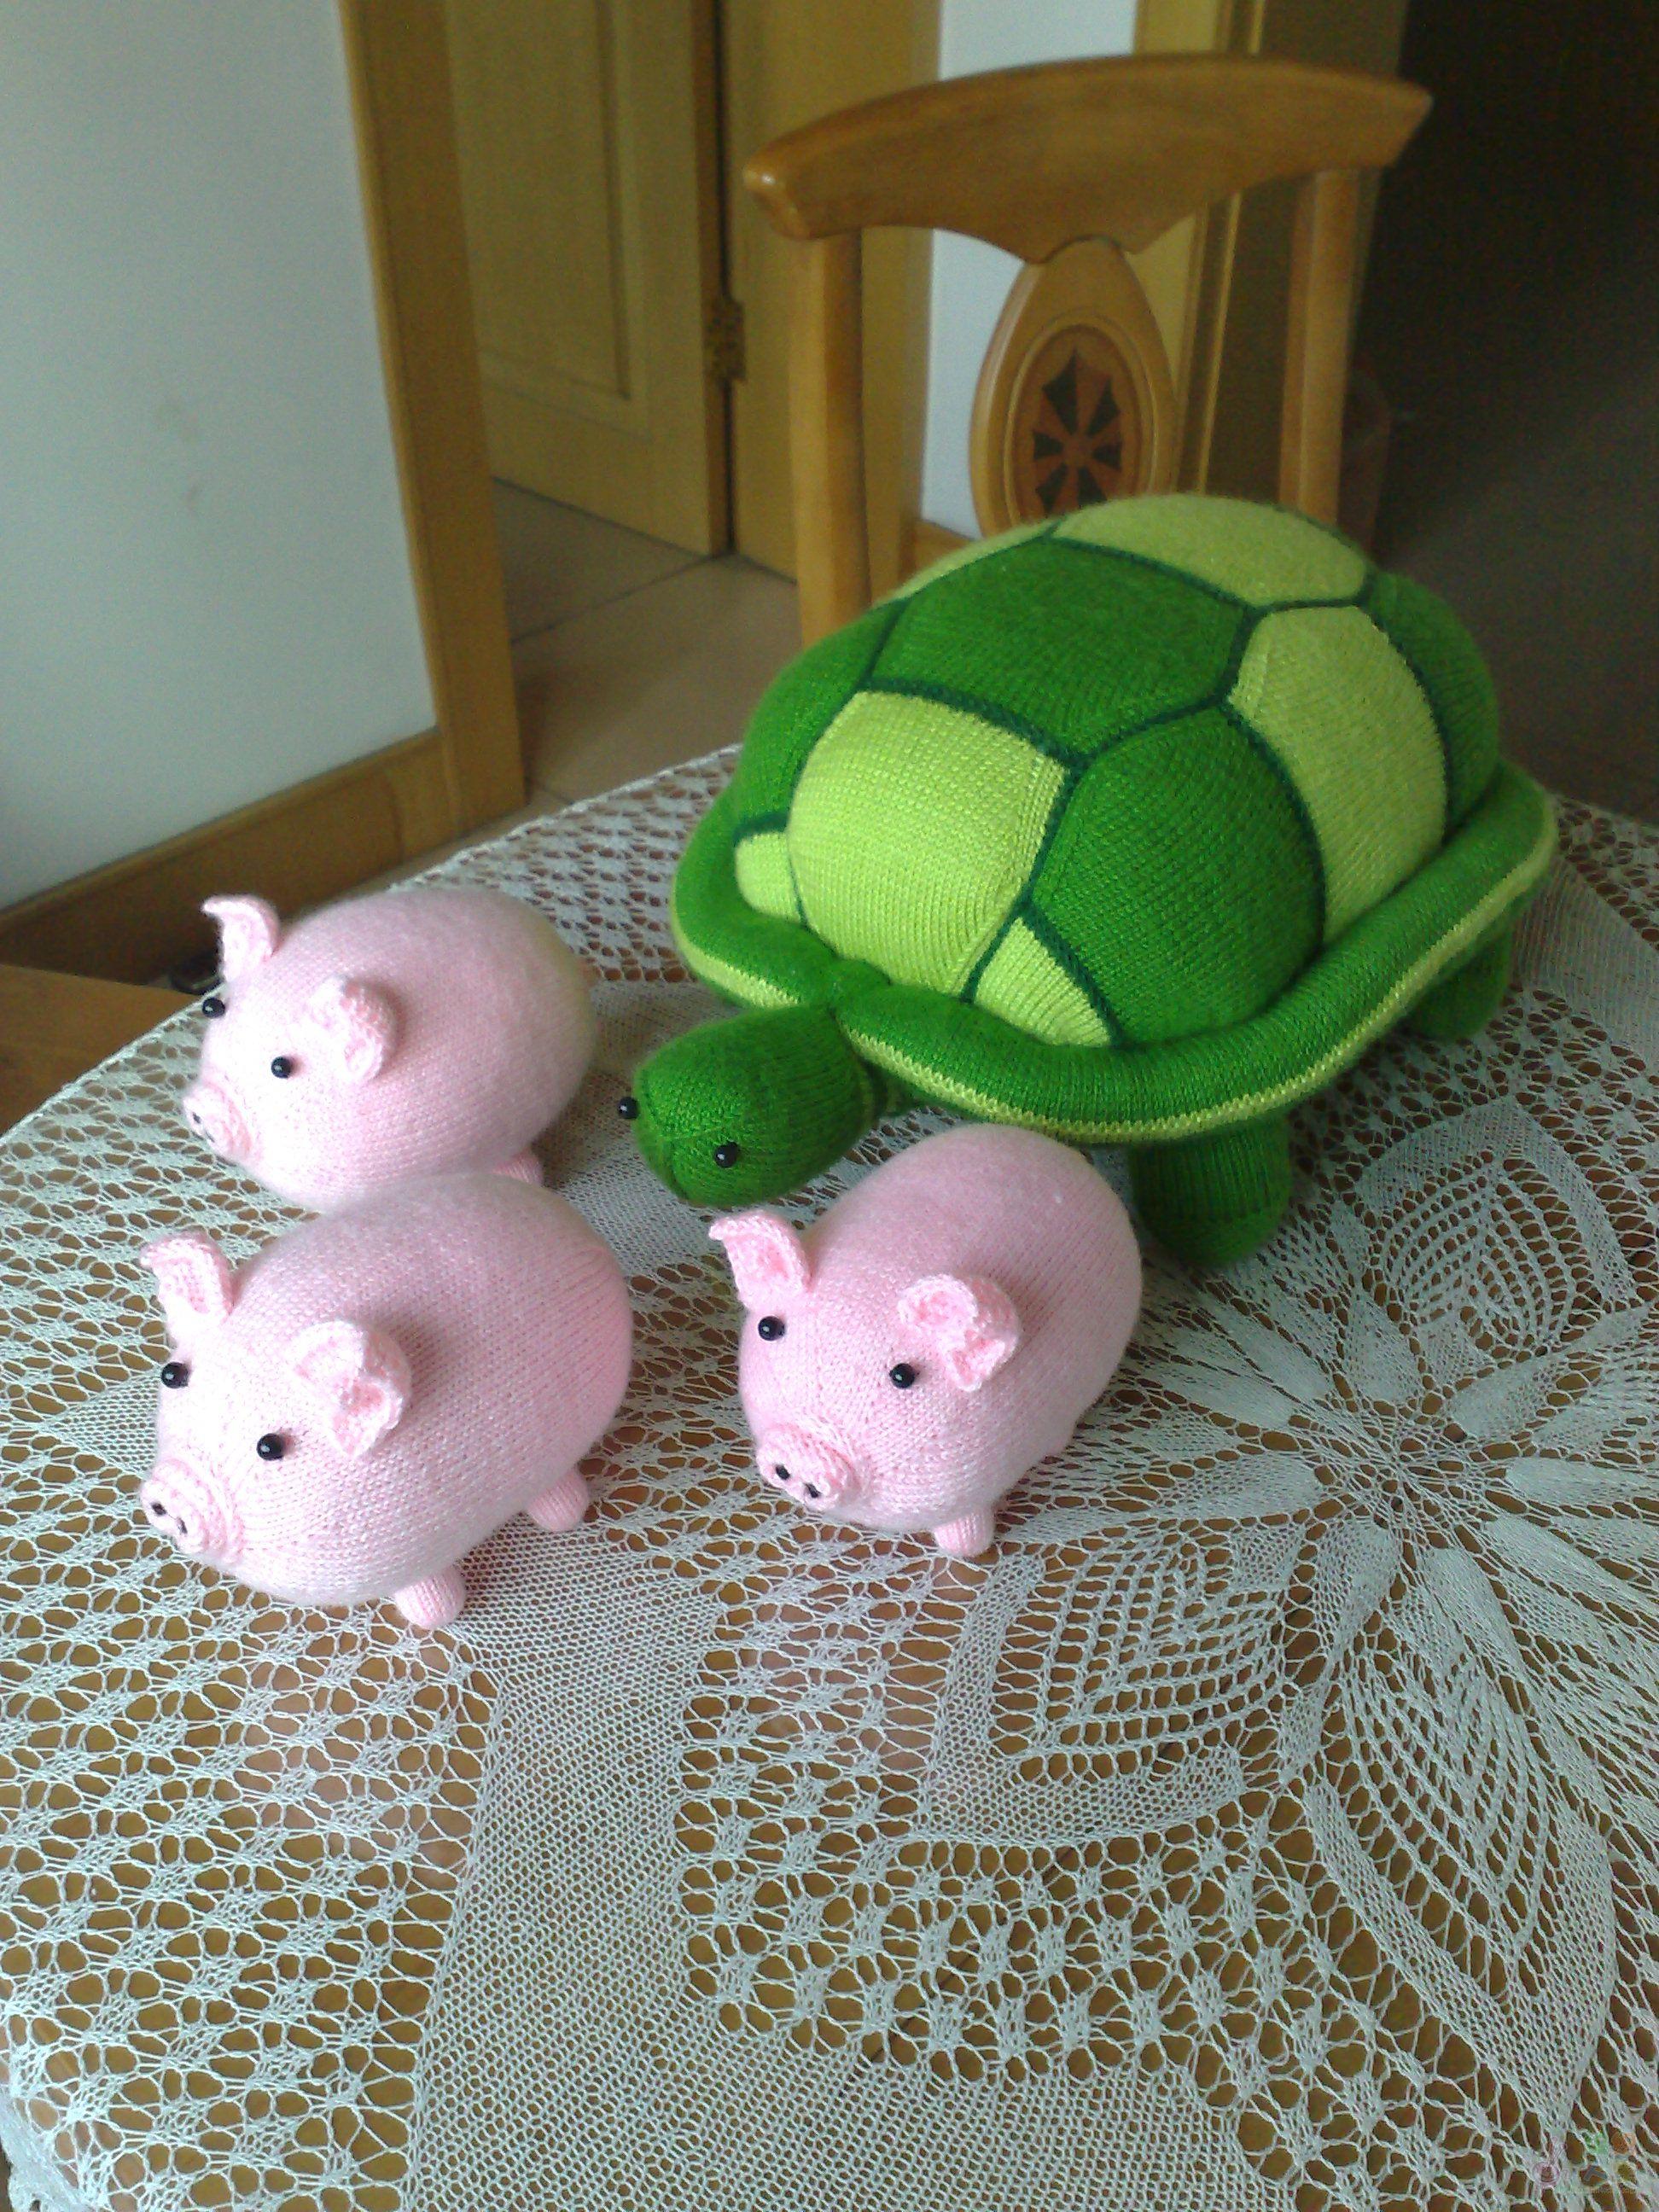 小猪织法_小猪的织法--枕中落花花成泥; 小猪的织法_燕尾蝶_新浪博客